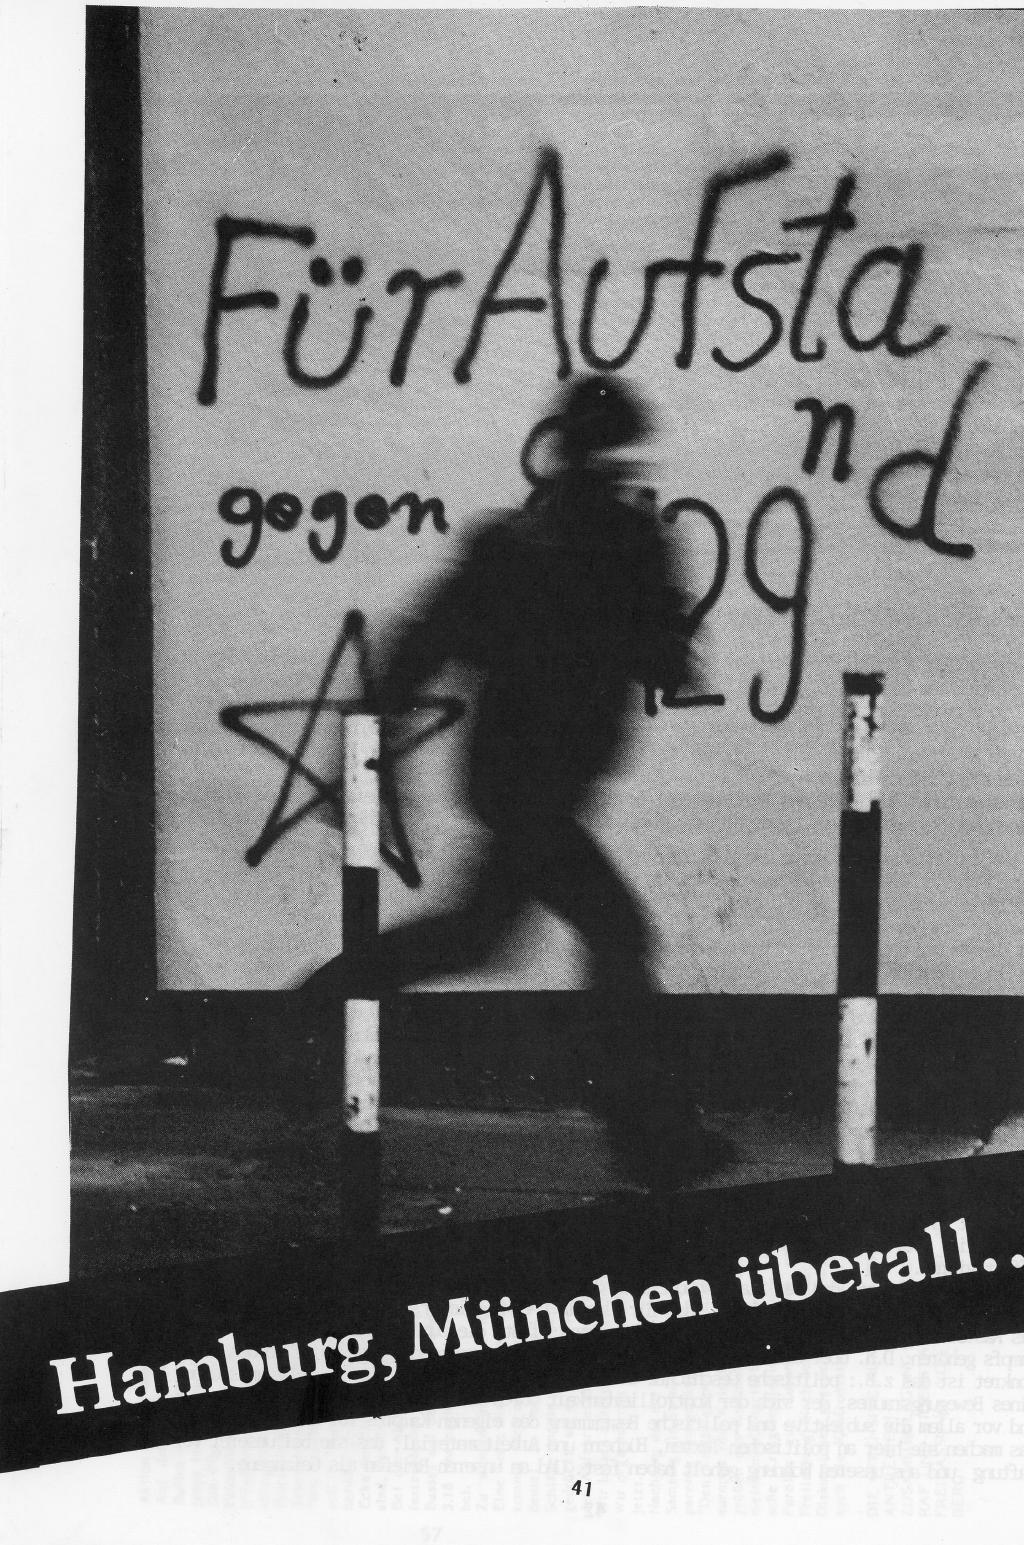 Duesseldorf_1989_Sechs_Politische_Gefangene_041